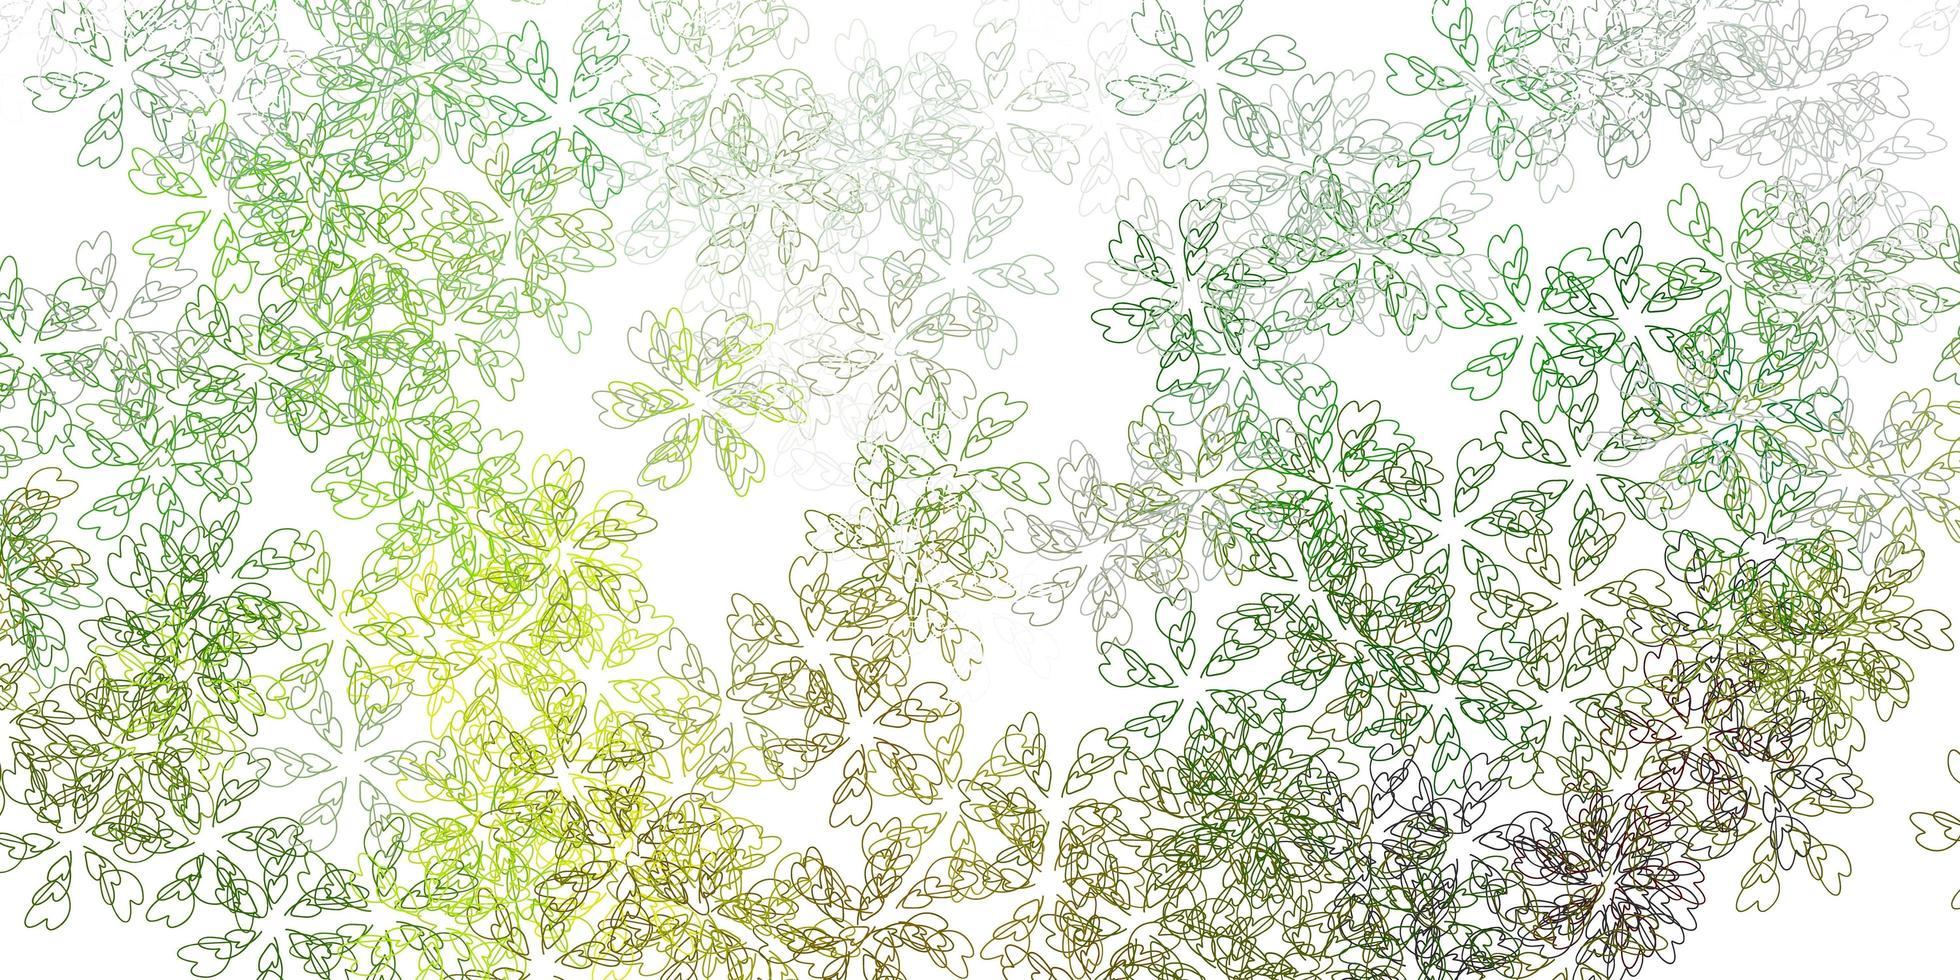 toile de fond abstraite de vecteur vert clair, jaune avec des feuilles.